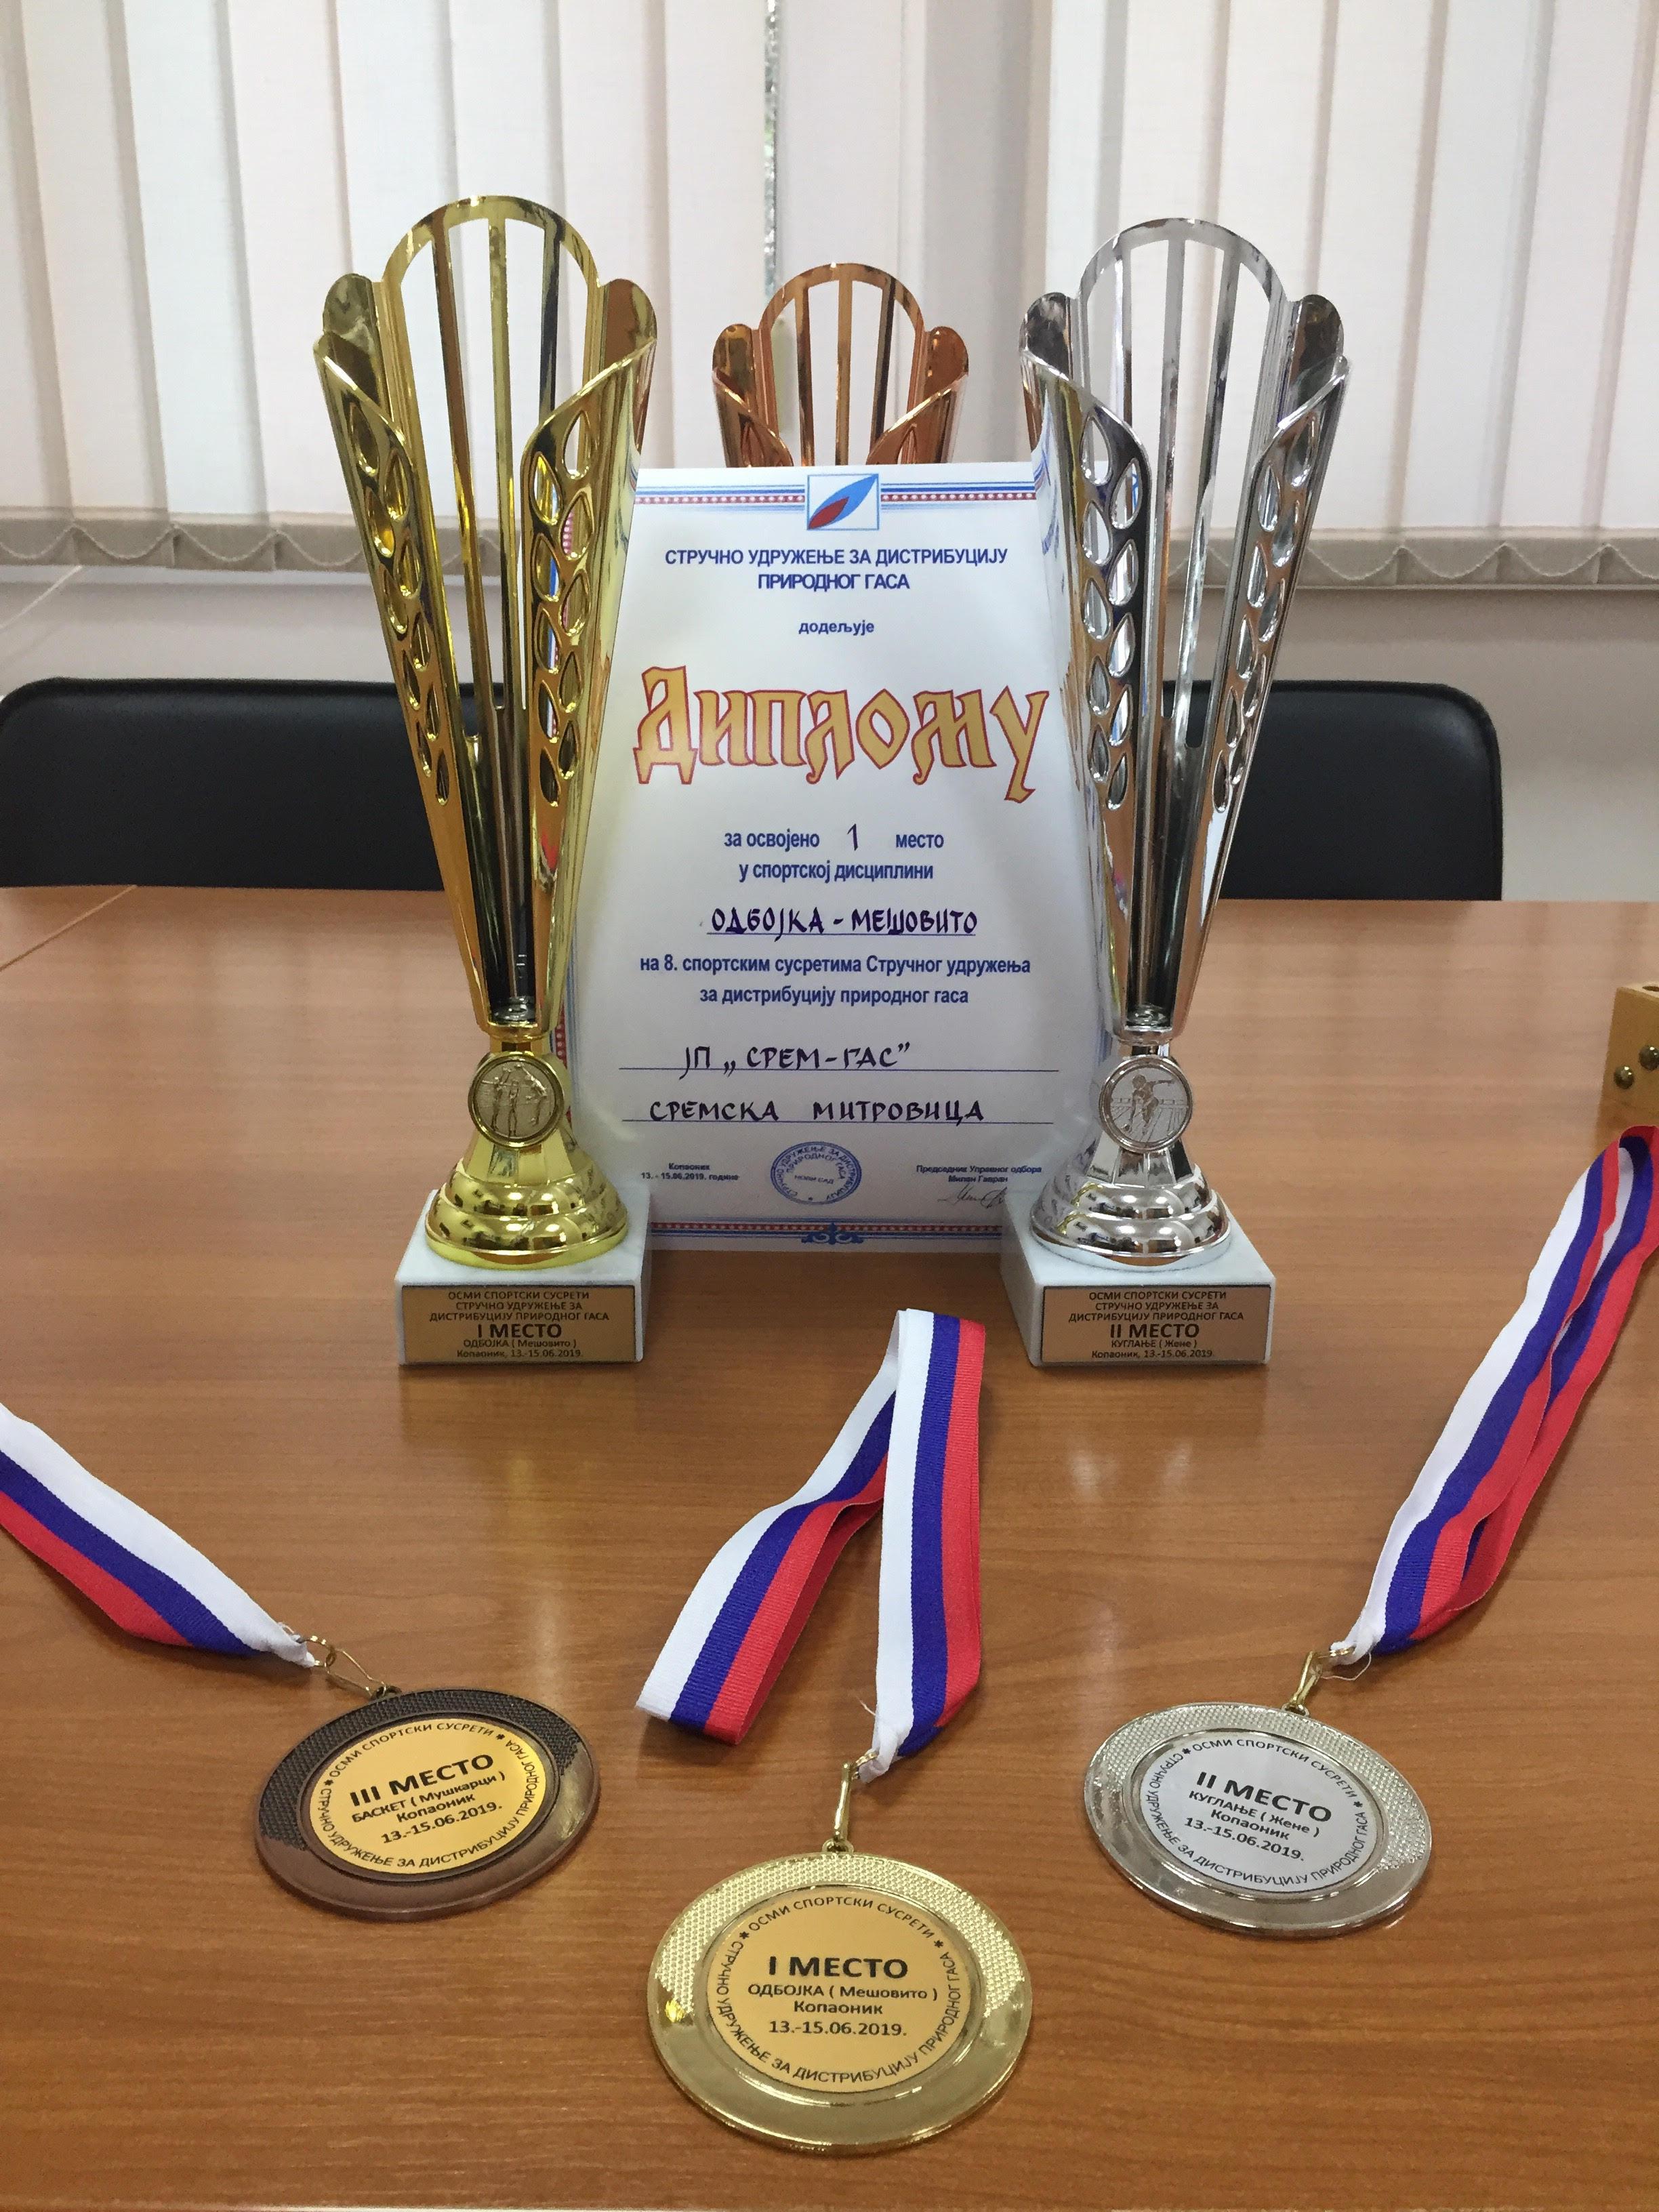 RSI 2019: I zlato i srebro i bronza